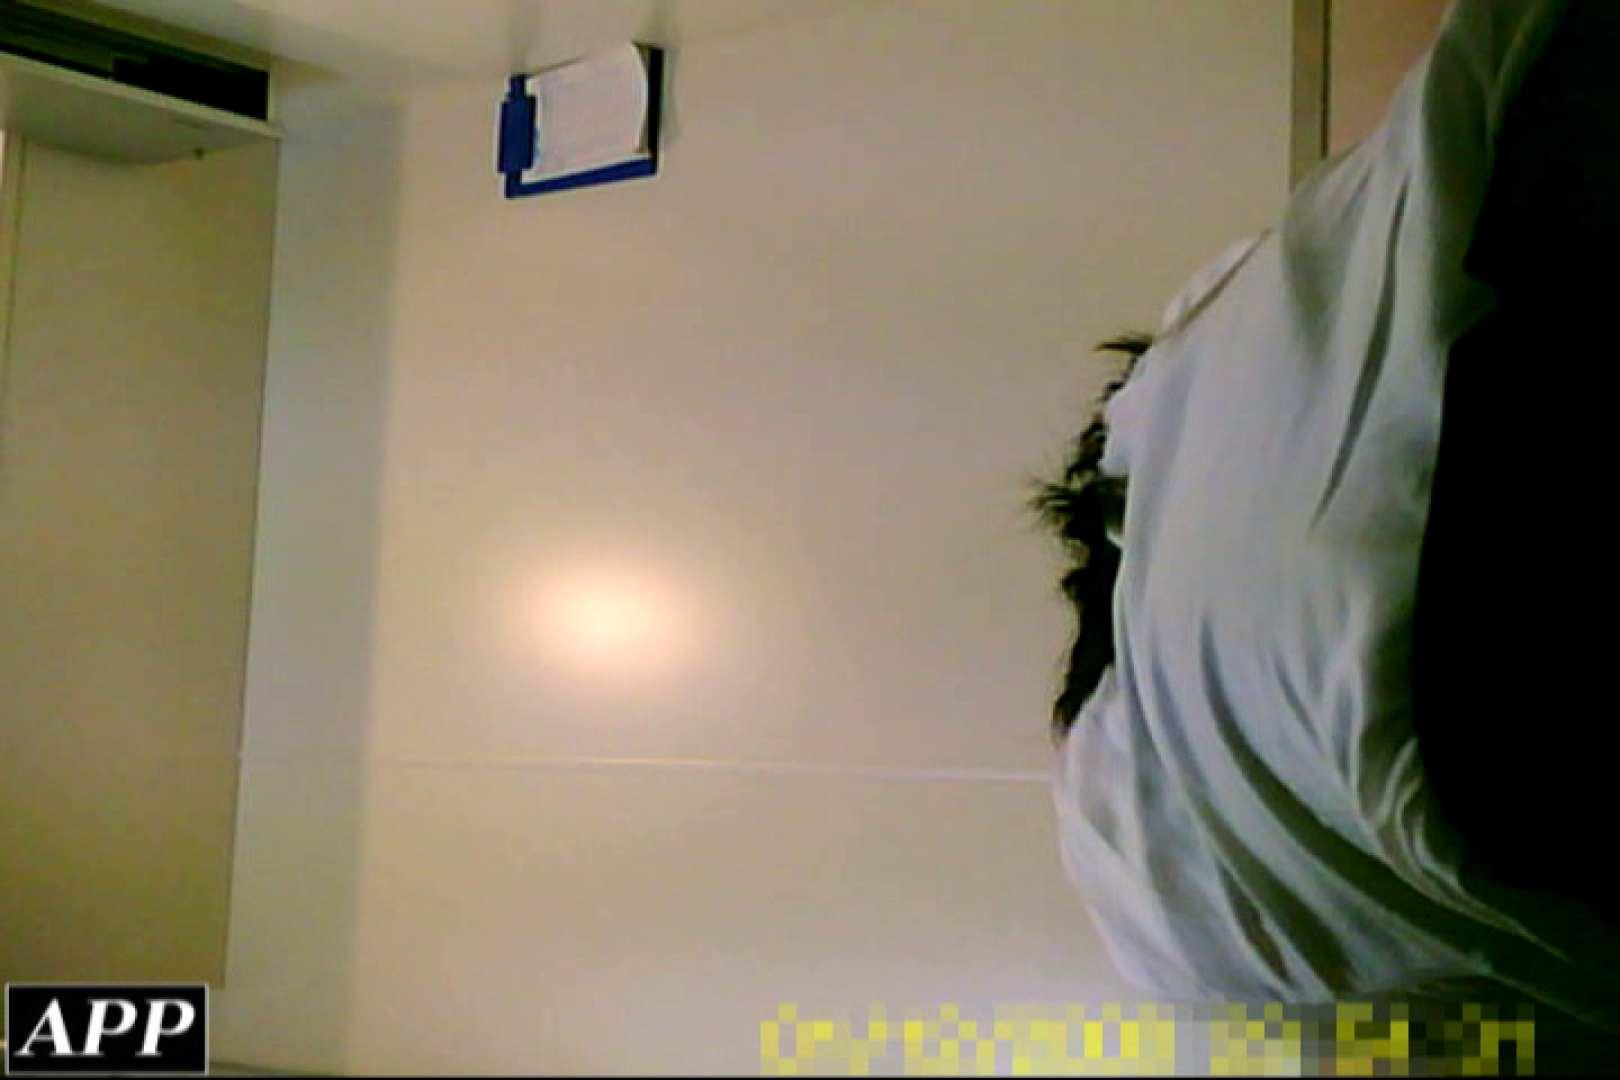 3視点洗面所 vol.129 マンコ | 盗撮で悶絶  88画像 1